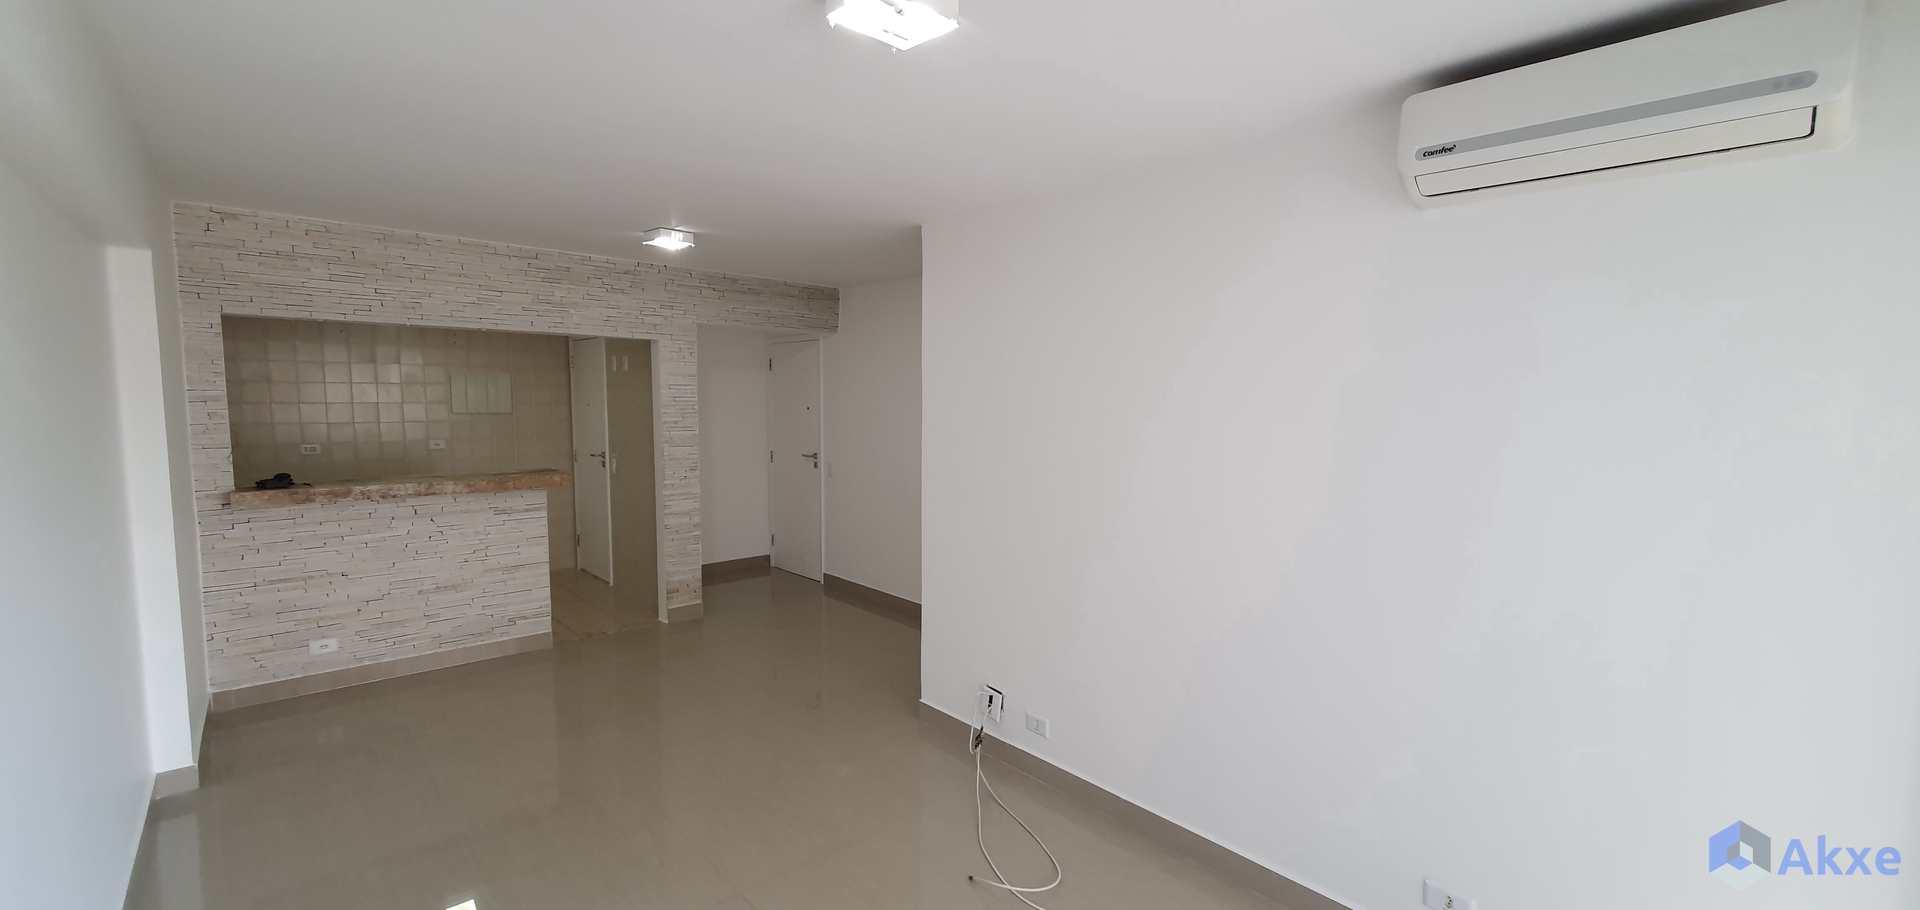 Aluguel-se Apartamento com 3 qts na Barra da Tijuca